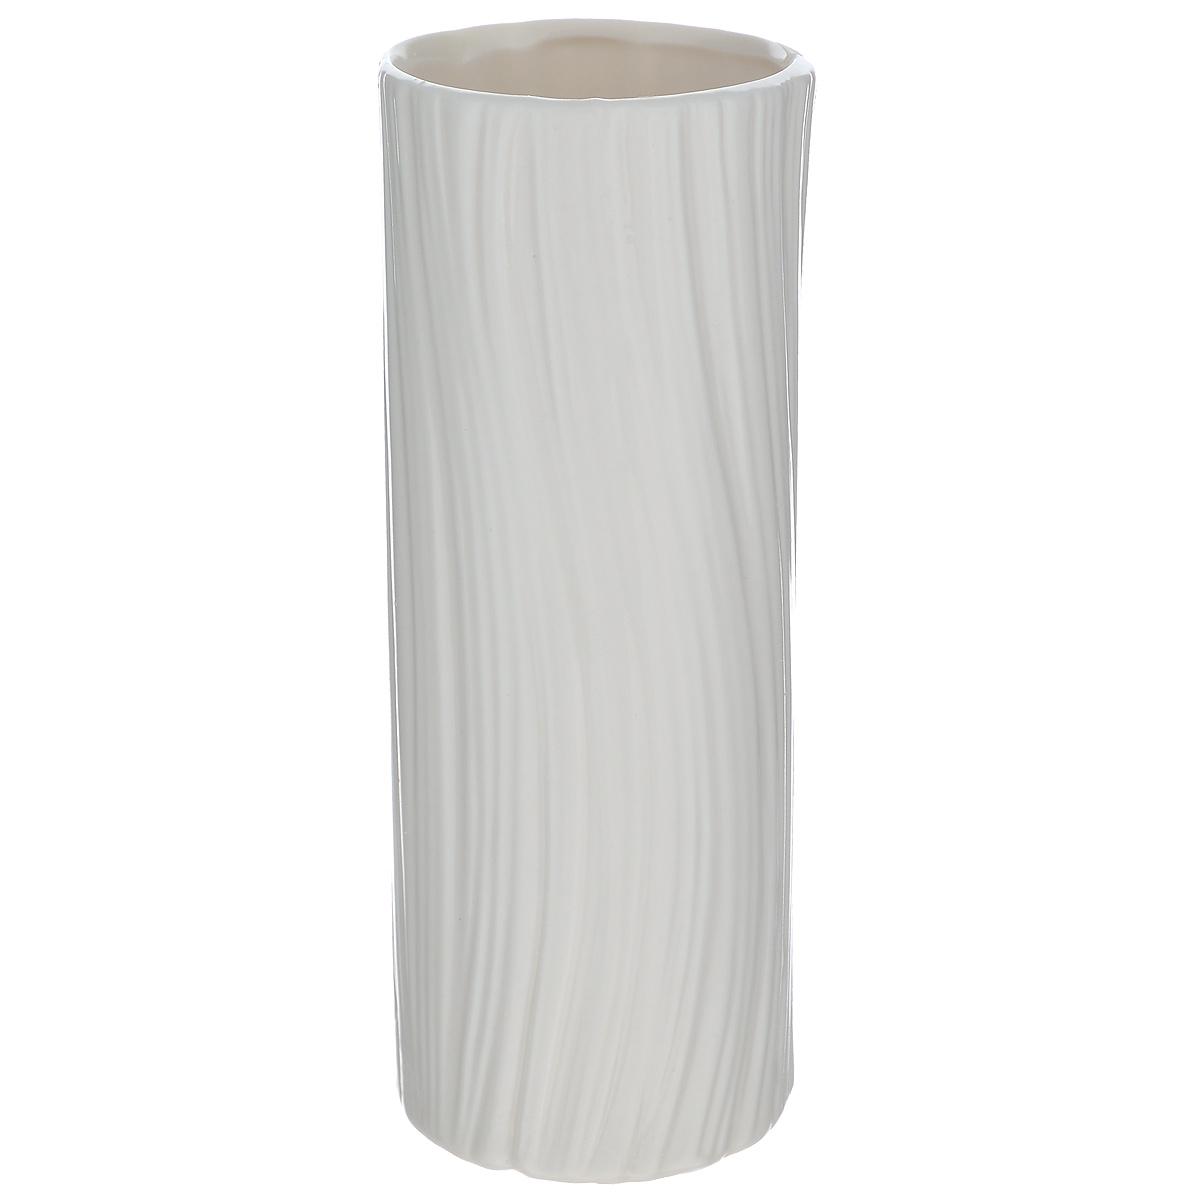 Ваза декоративная Blossom Line, цвет: белый, высота 20 смBL0130103Оригинальная ваза Blossom Line изготовлена из керамики. Рельефная волнообразная поверхностью вазы делает ее изящным украшением интерьера. При желании изделие можно оформить по собственному вкусу, например раскрасив его красками. Ваза Blossom Line дополнит интерьер офиса или дома и станет желанным и стильным подарком. Диаметр вазы: 7 см. Высота вазы: 20,5 см.